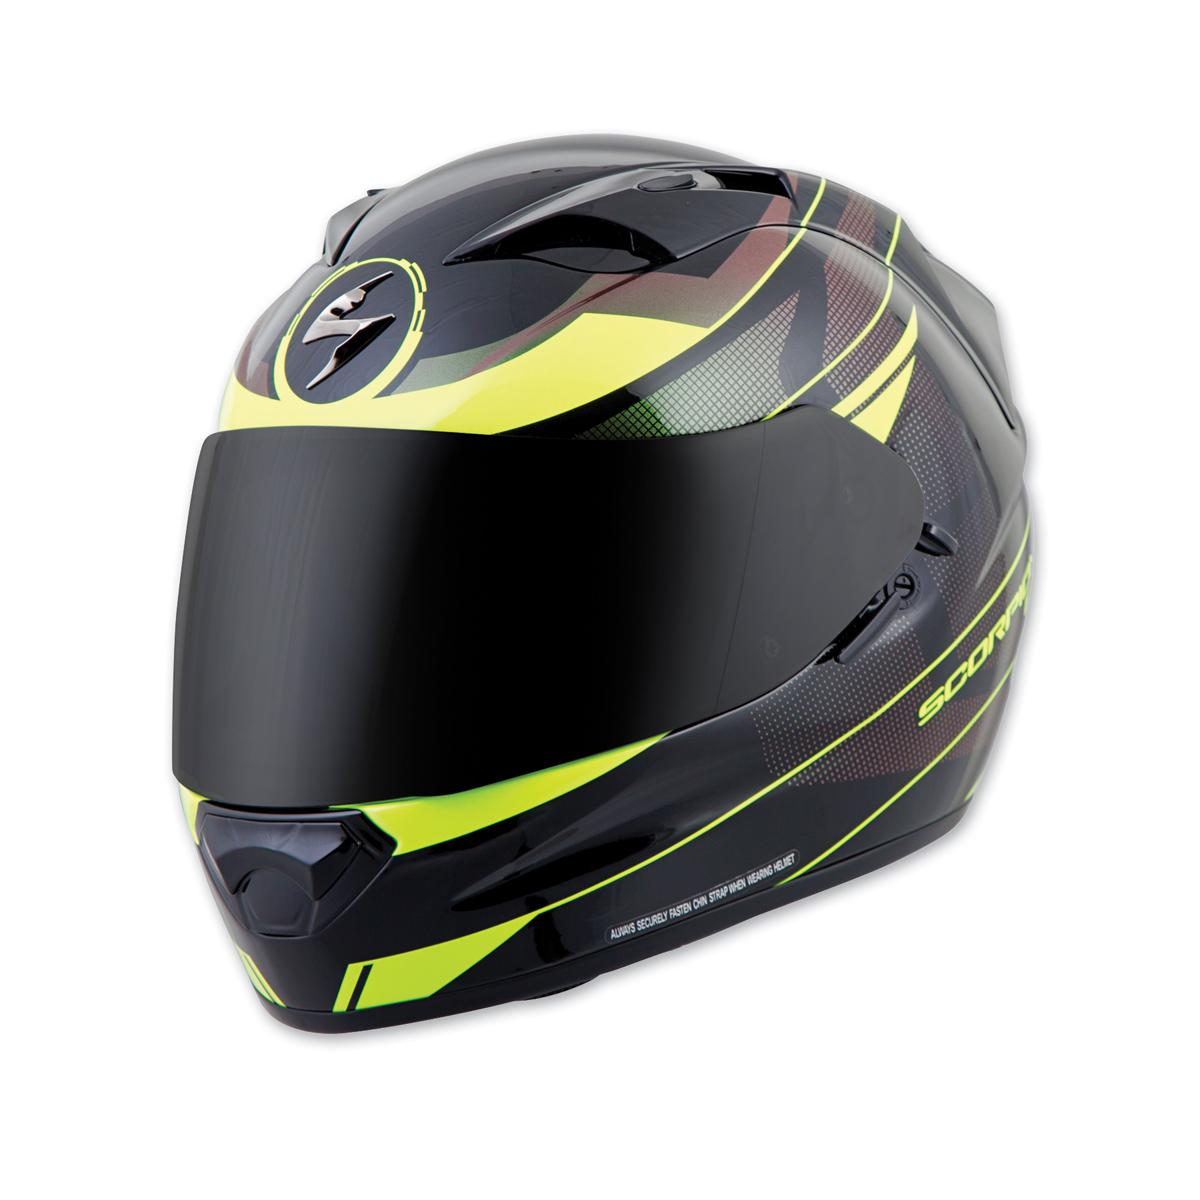 Scorpion EXO EXO-T1200 Mainstay Black/Neon Full Face Helmet